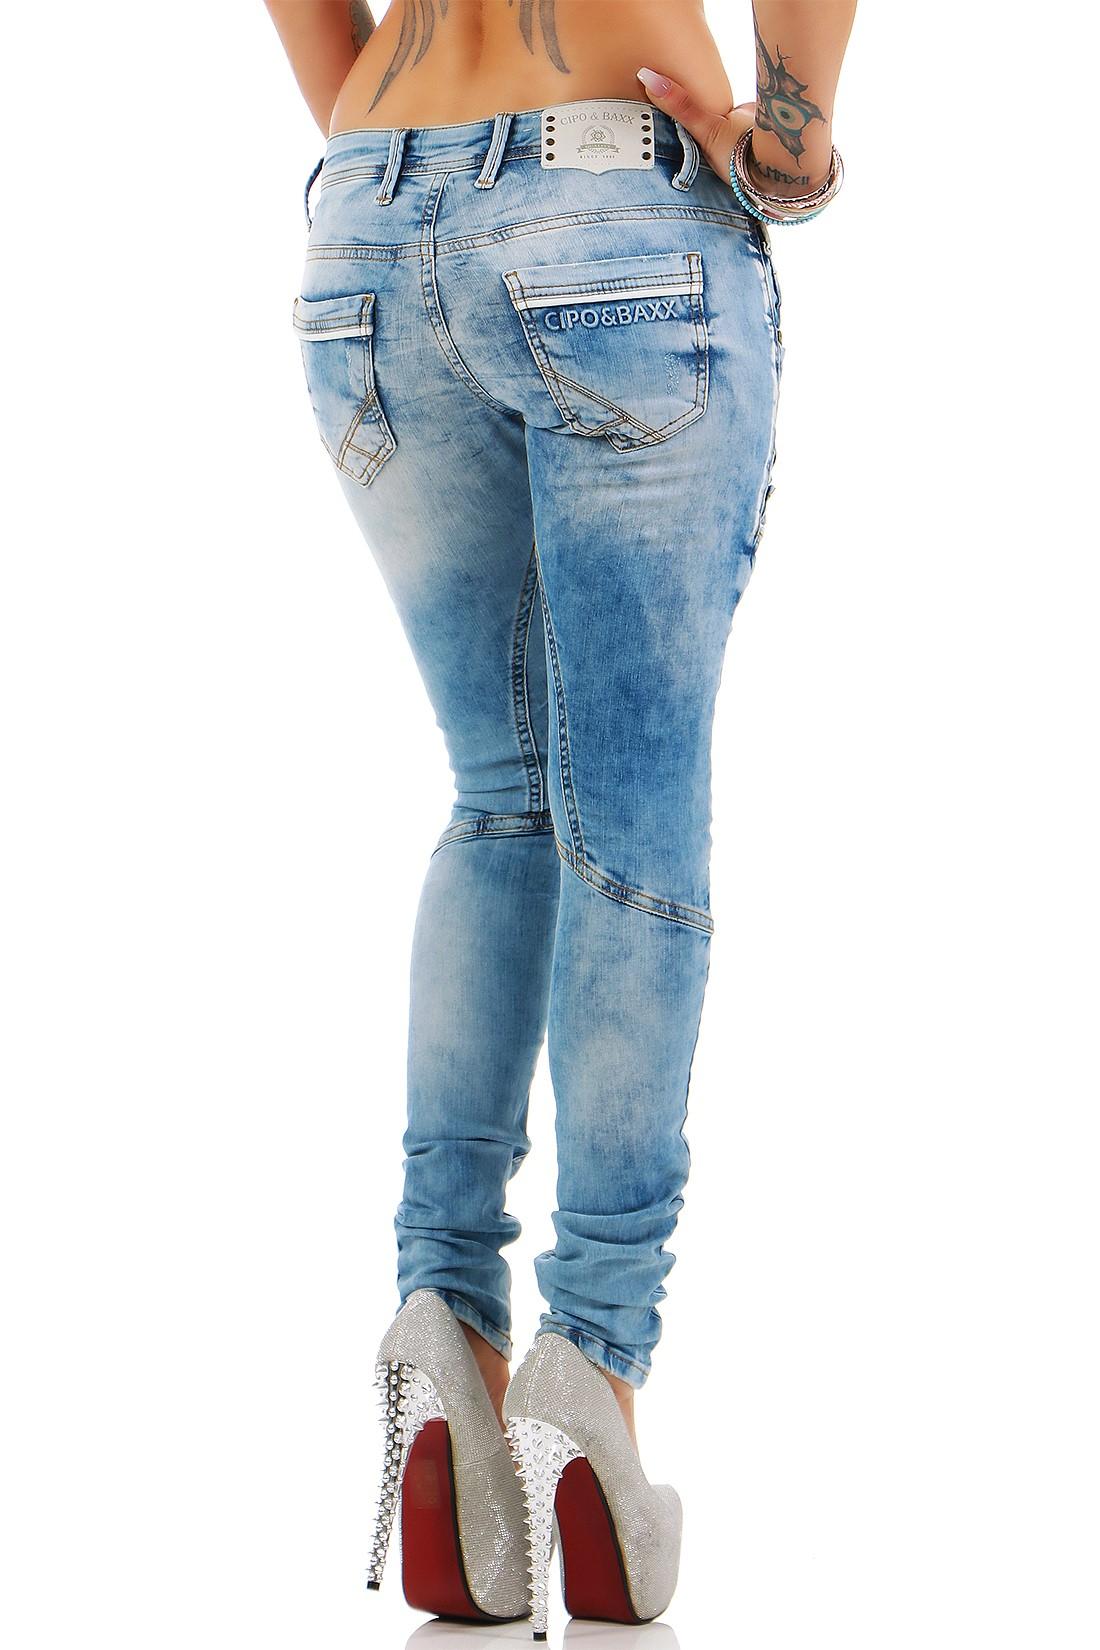 Verschiedene-Cipo-amp-Baxx-Damen-Jeans-Hosen-Slim-Fit-Regular-Fit-Streetwear Indexbild 53